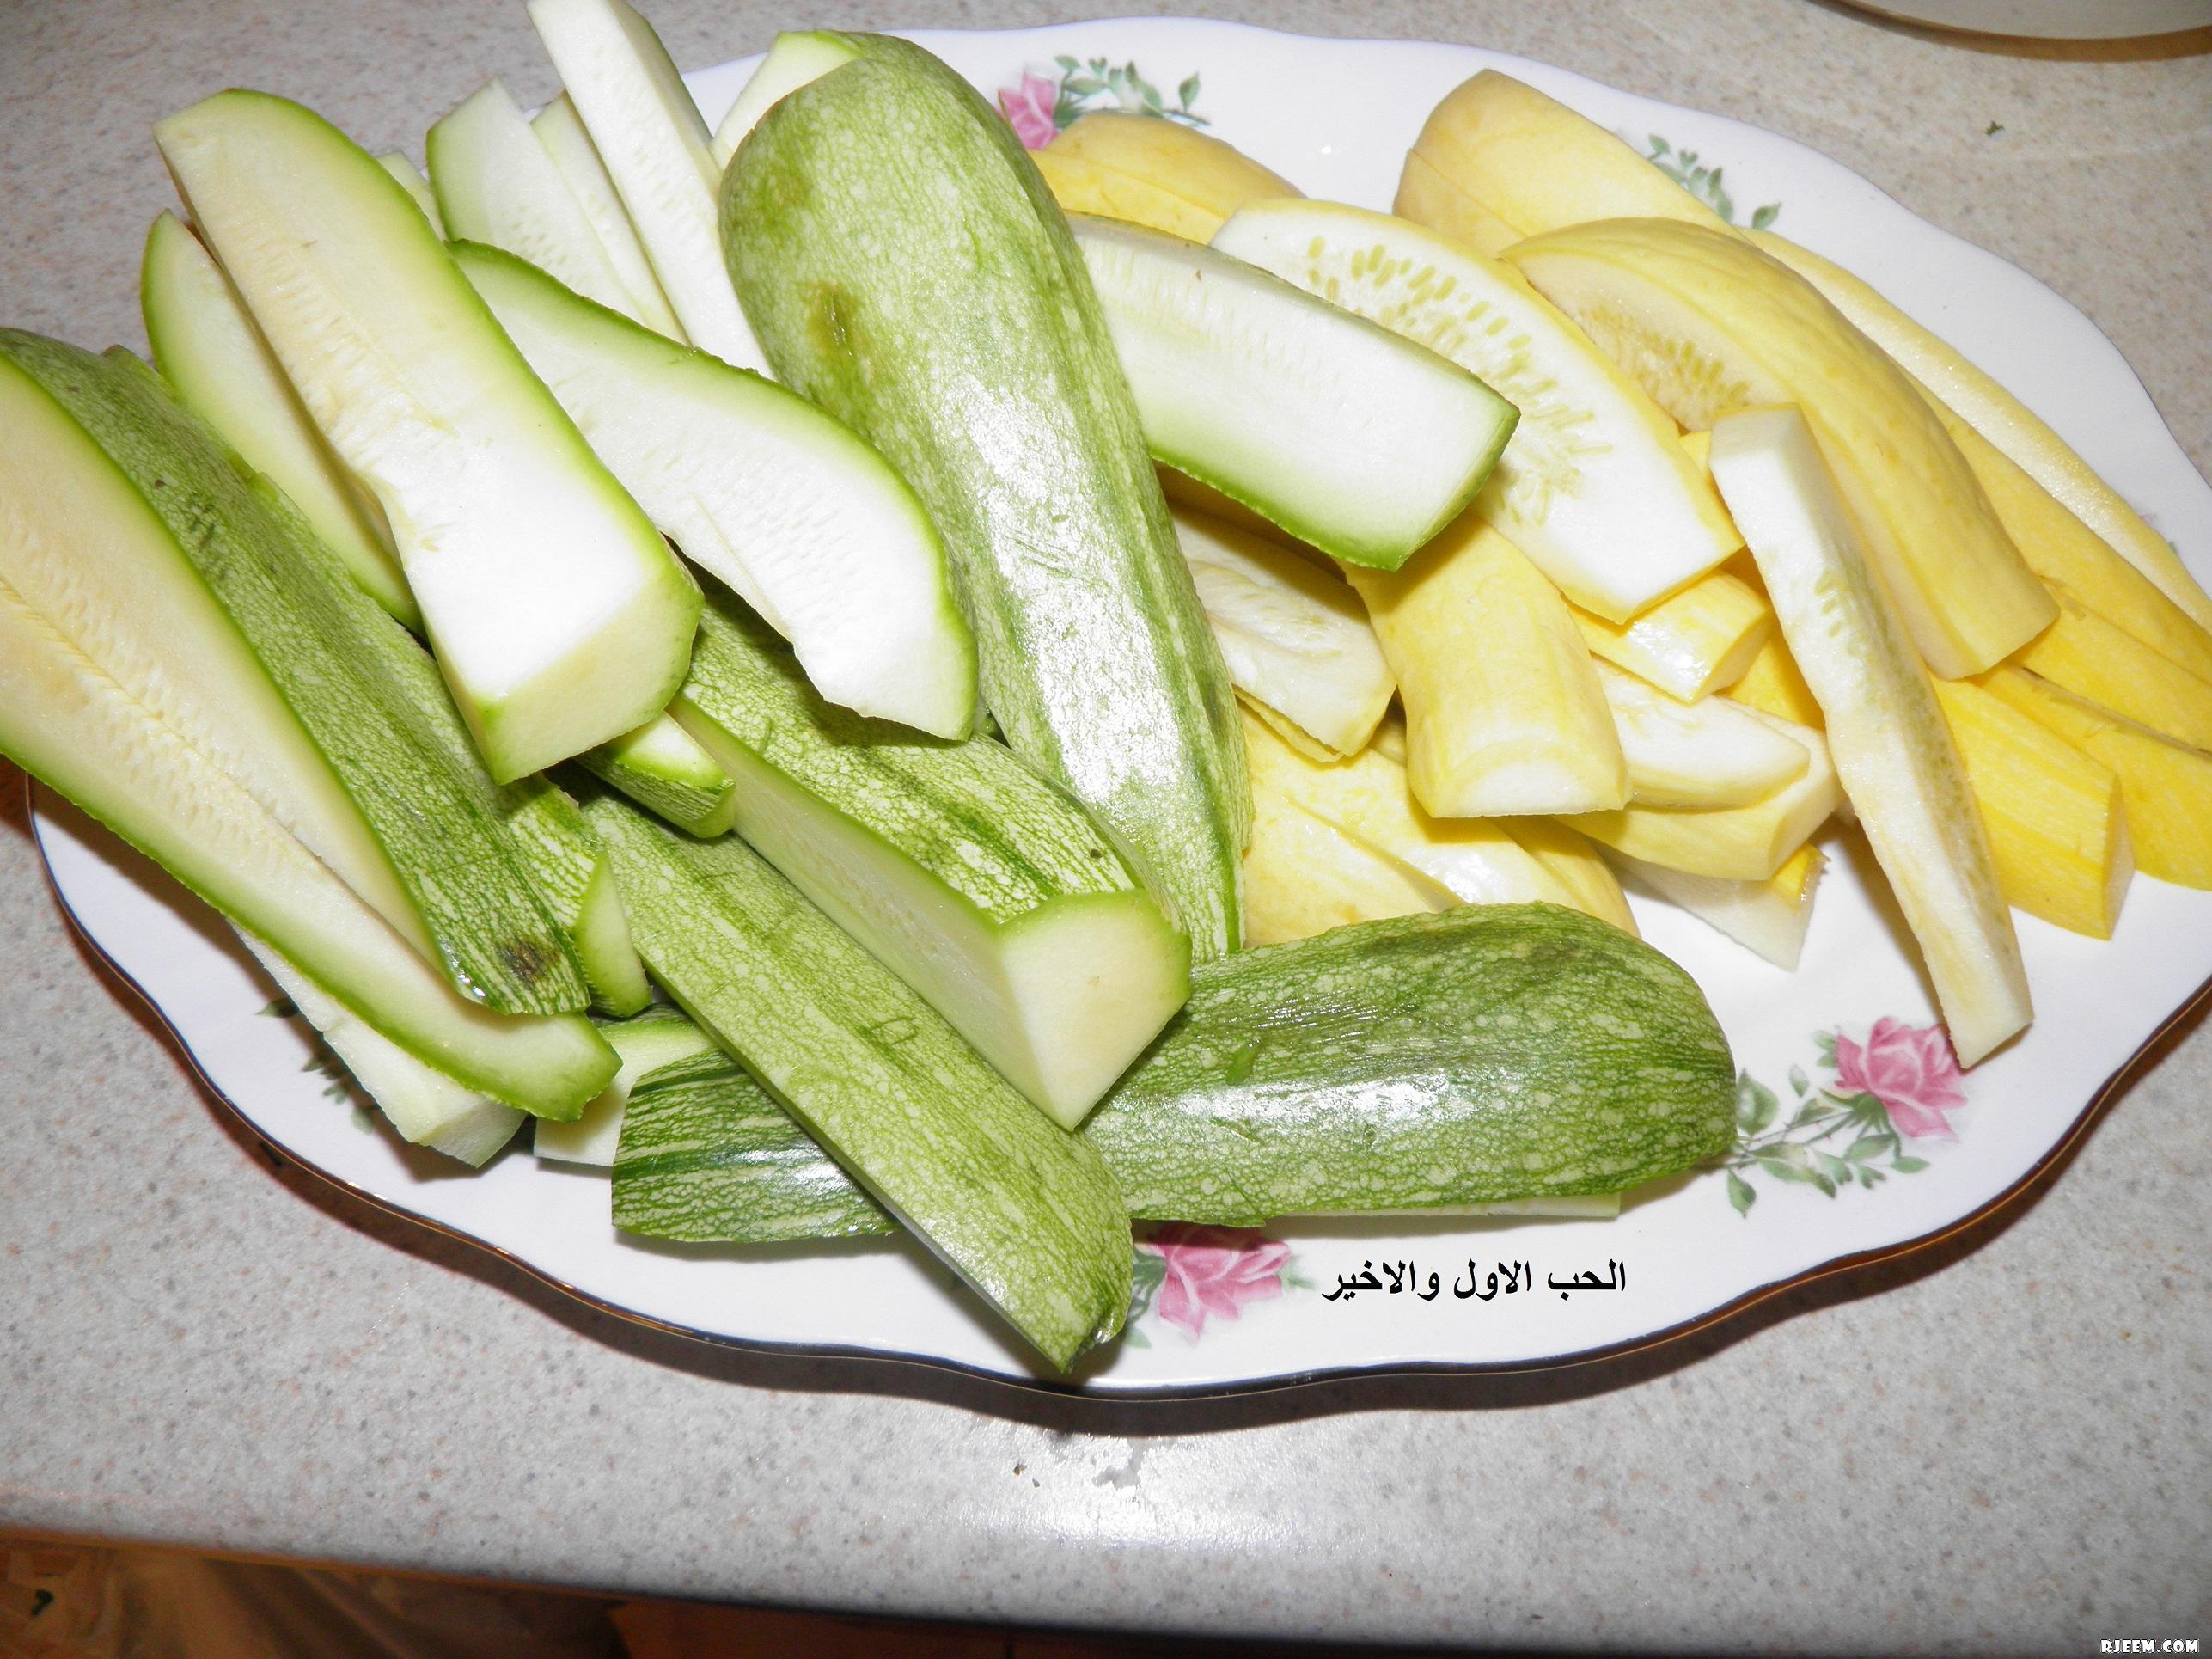 صينية الدجاج بالخضروات من مطبخي 13373236032.jpg